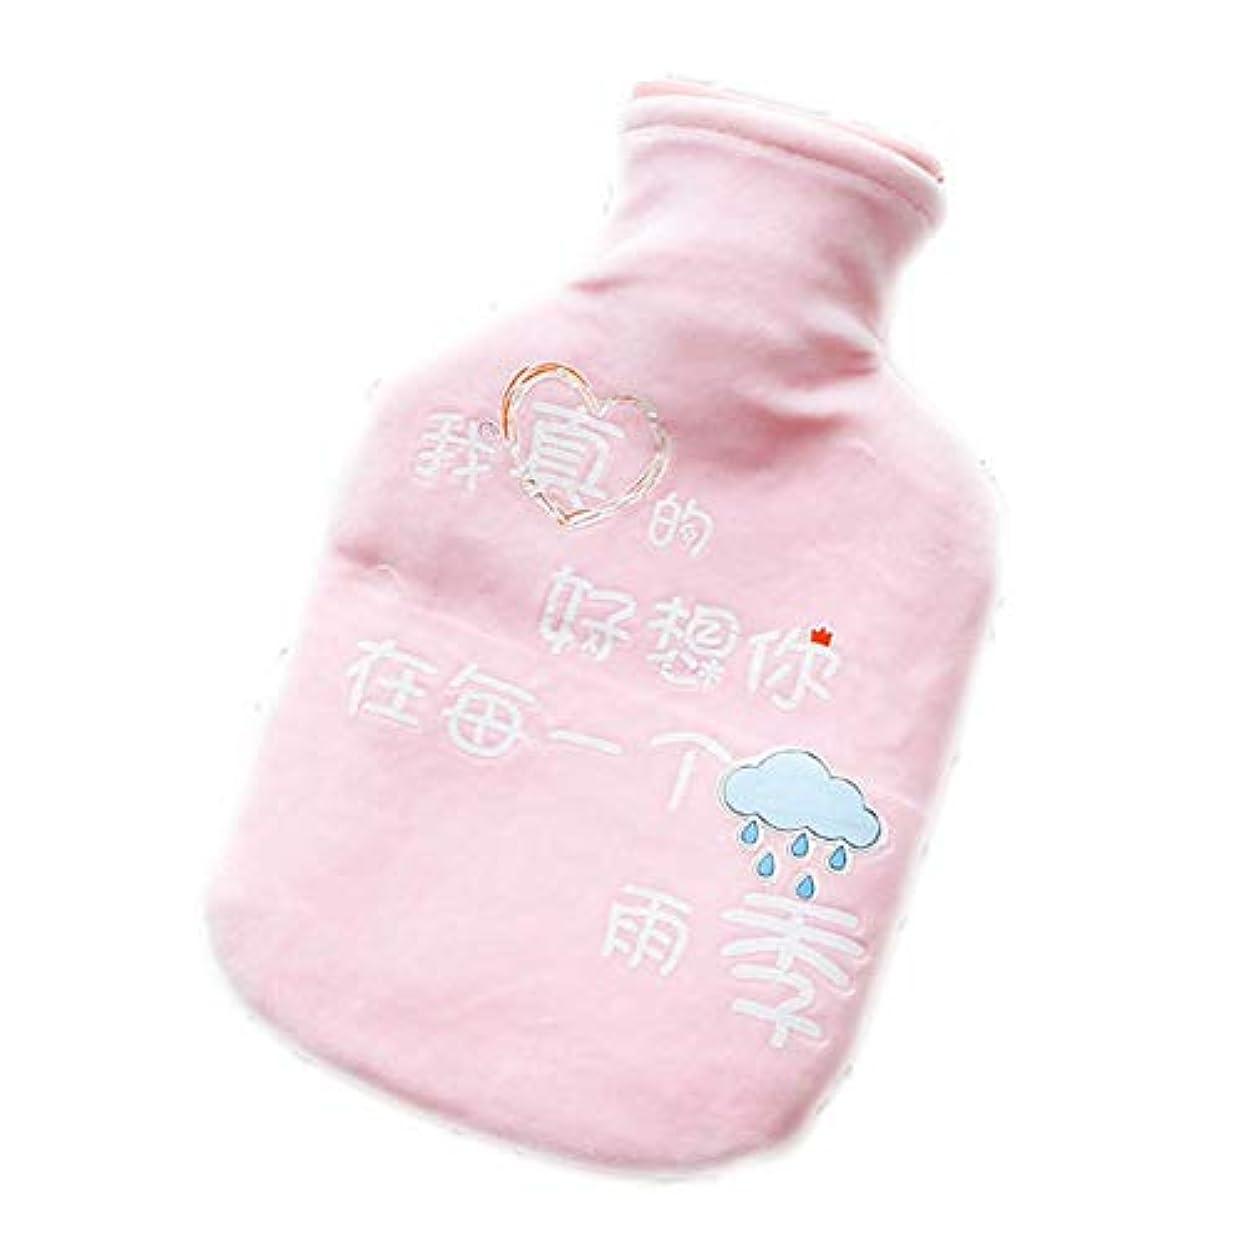 町同級生贈り物かわいい湯たんぽミニハンドウォーマー750ミリリットルの学生女性の温水バッグ